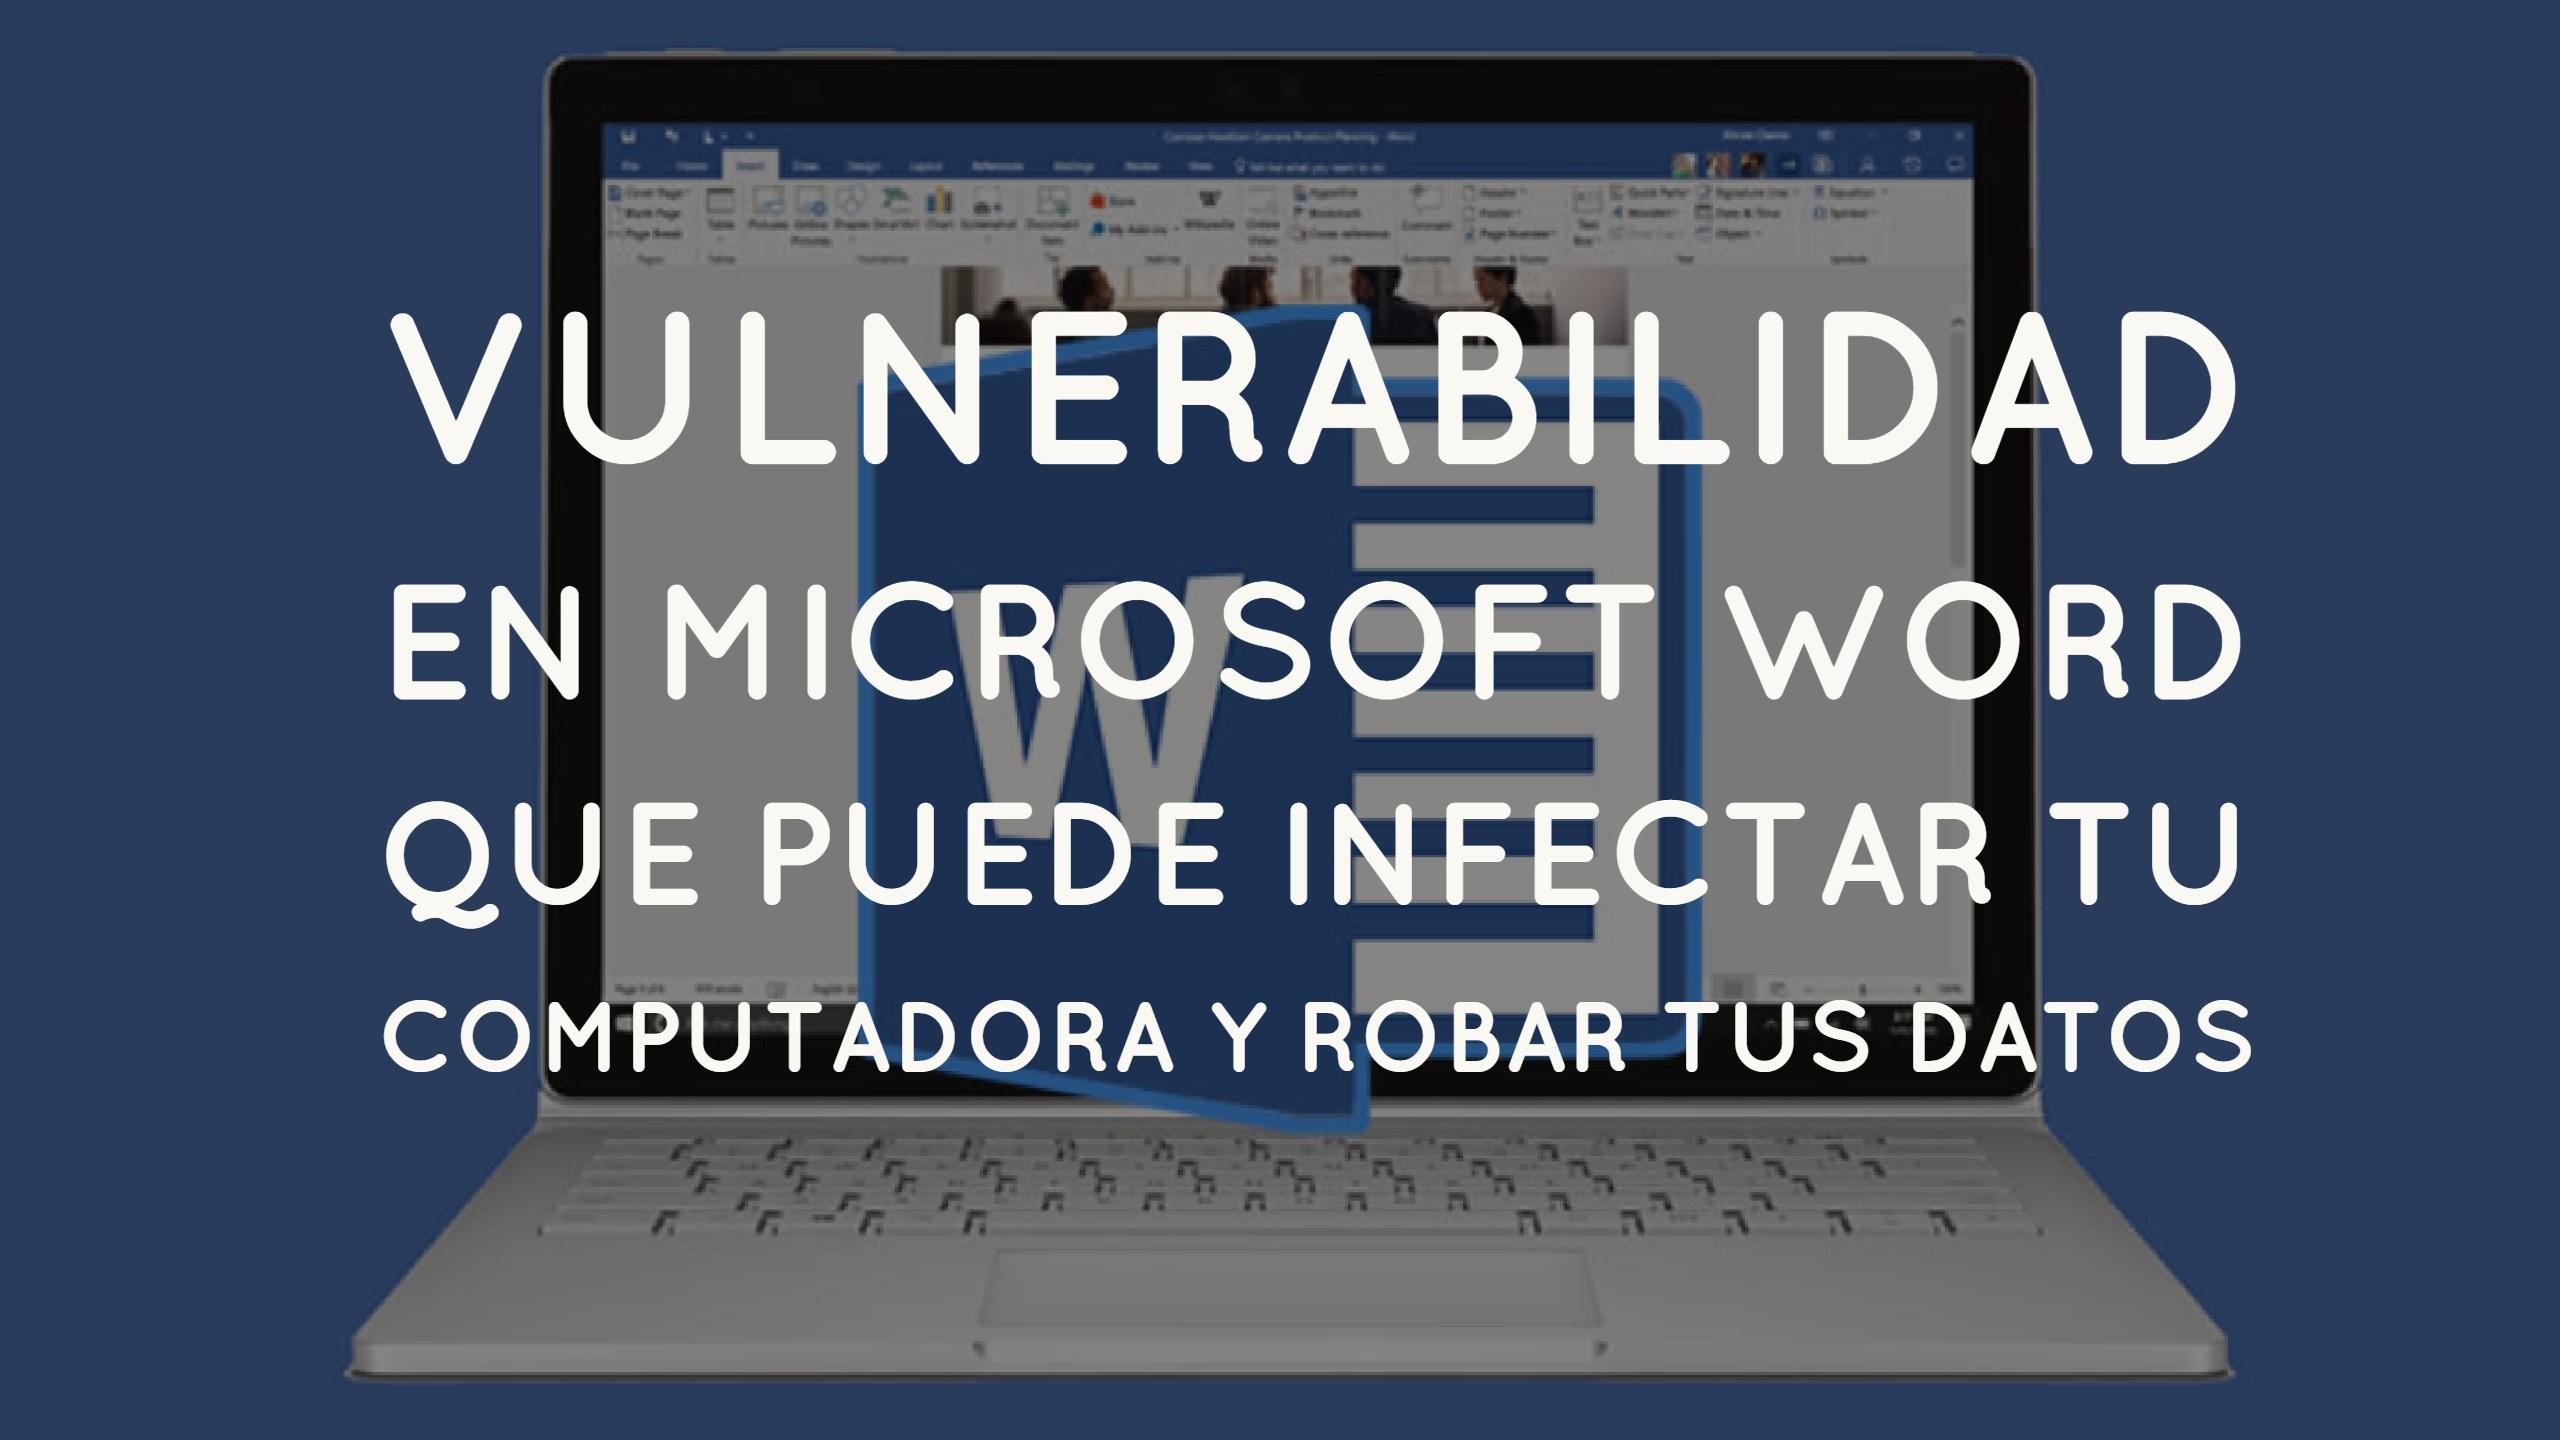 Vulnerabilidad en Microsoft Word que puede infectar tu computadora y robar tus datos